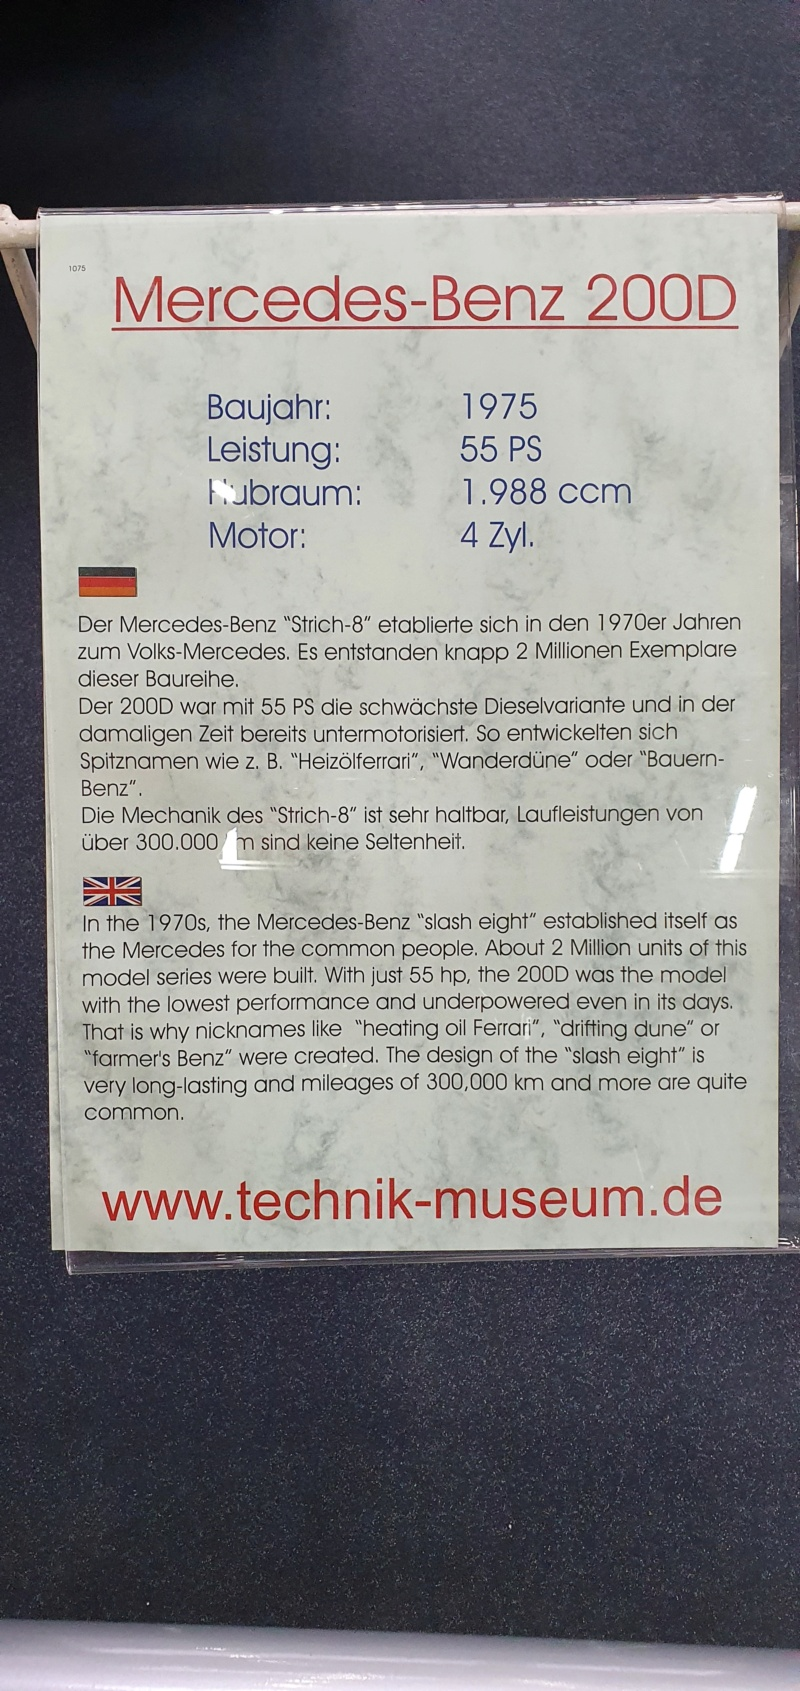 Sonderausstellung Teil 2 im Technikmuseum Speyer 20201965